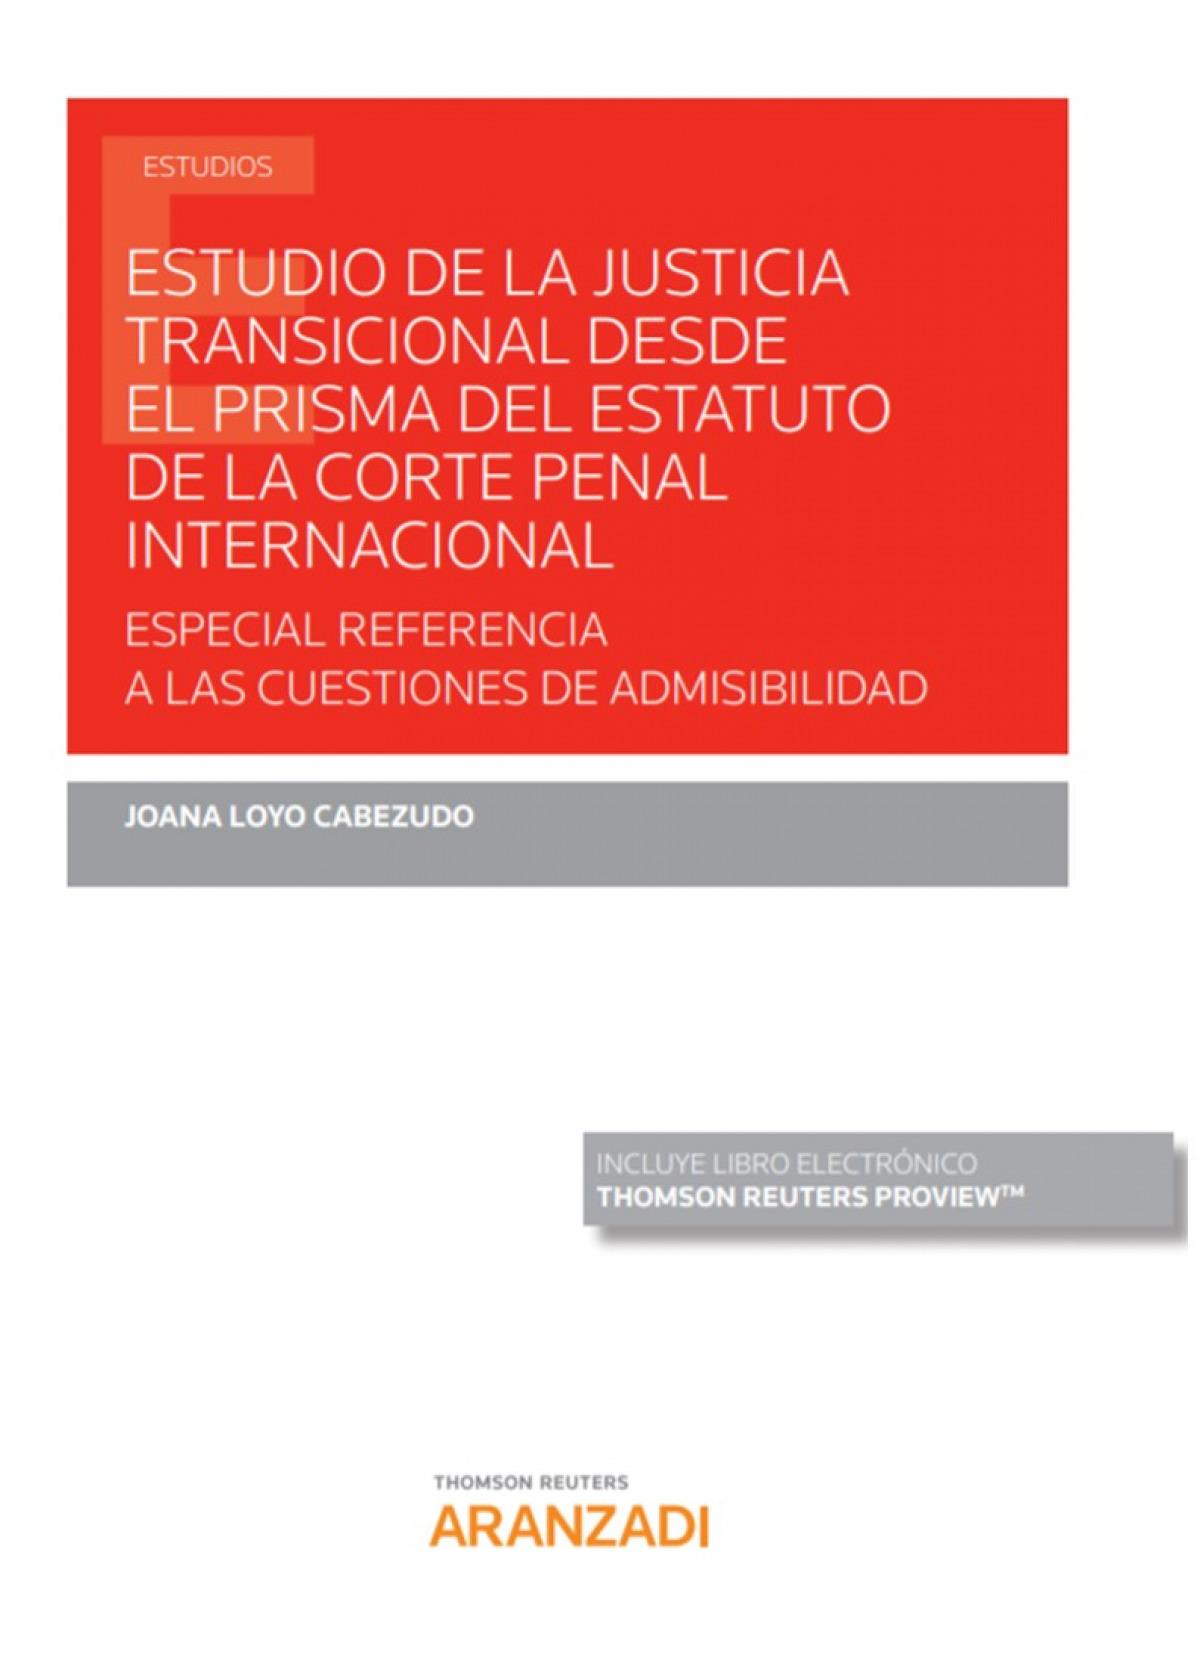 Estudio de la Justicia Transicional desde el prisma del Estatuto de la Corte Penal Internacional: Especial referencia a las cuestiones de admisibilida